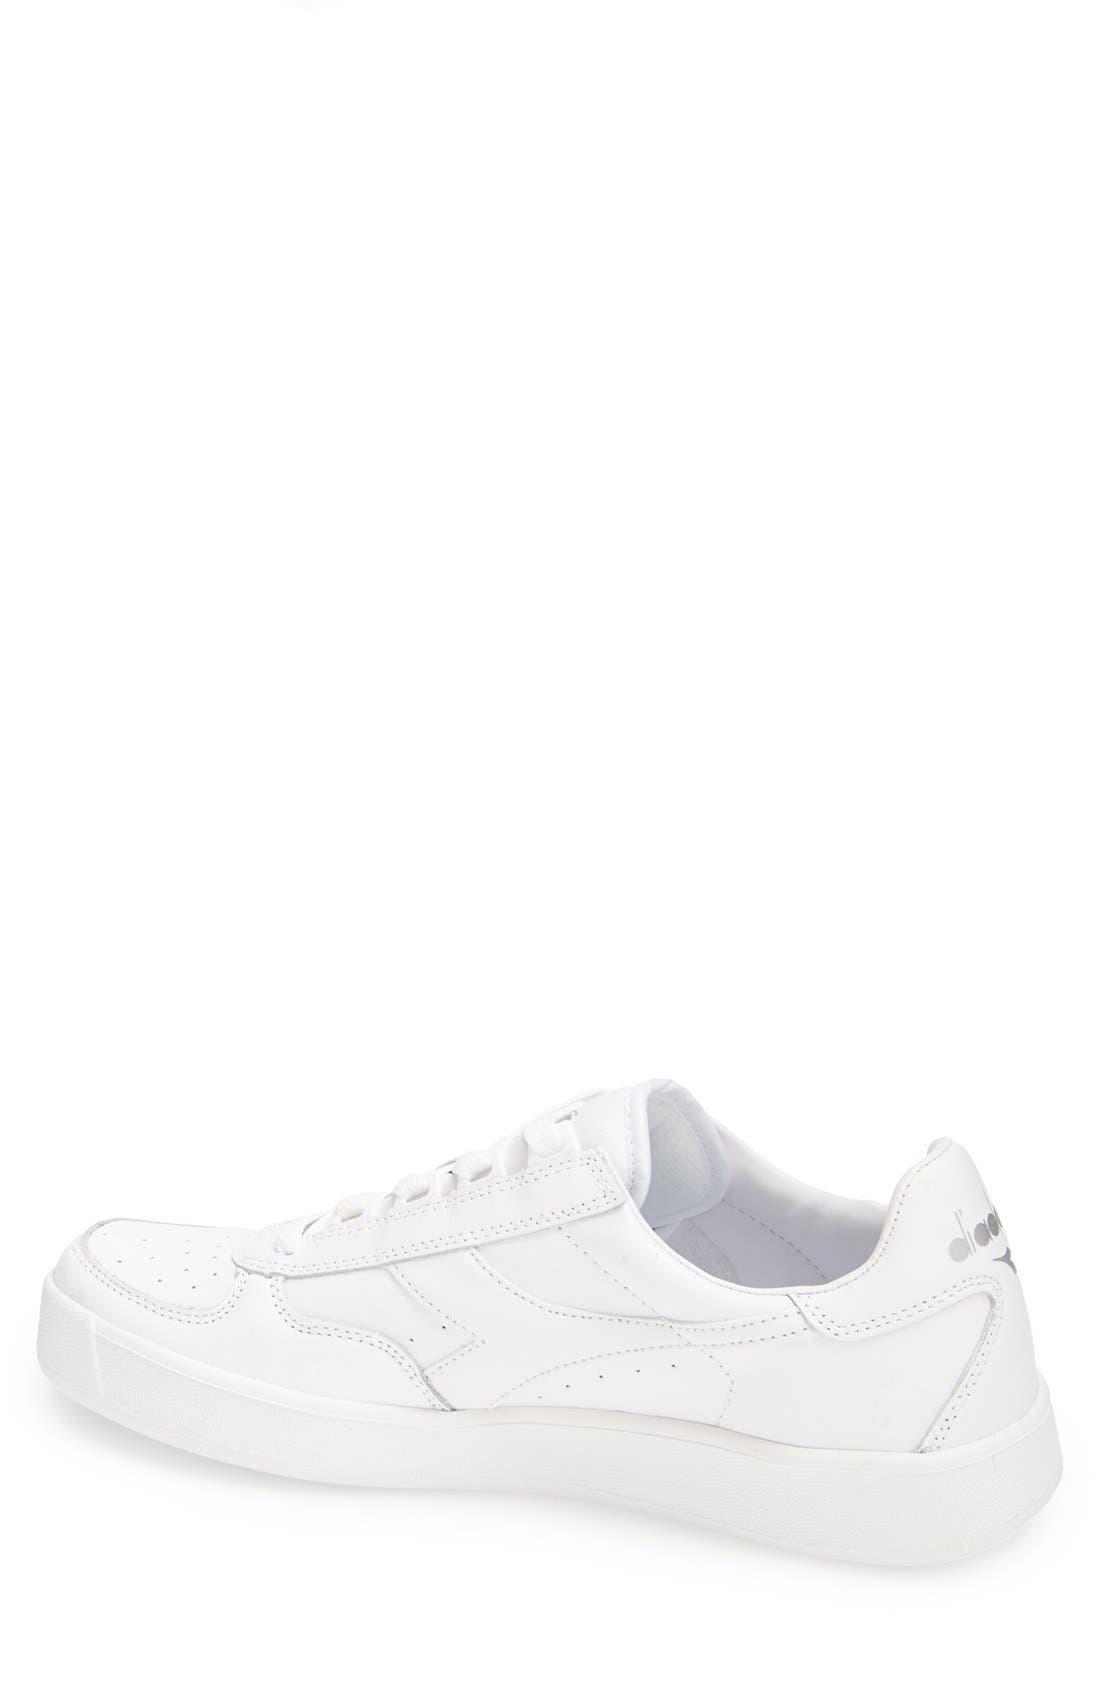 'B. Elite' Sneaker,                             Alternate thumbnail 3, color,                             100